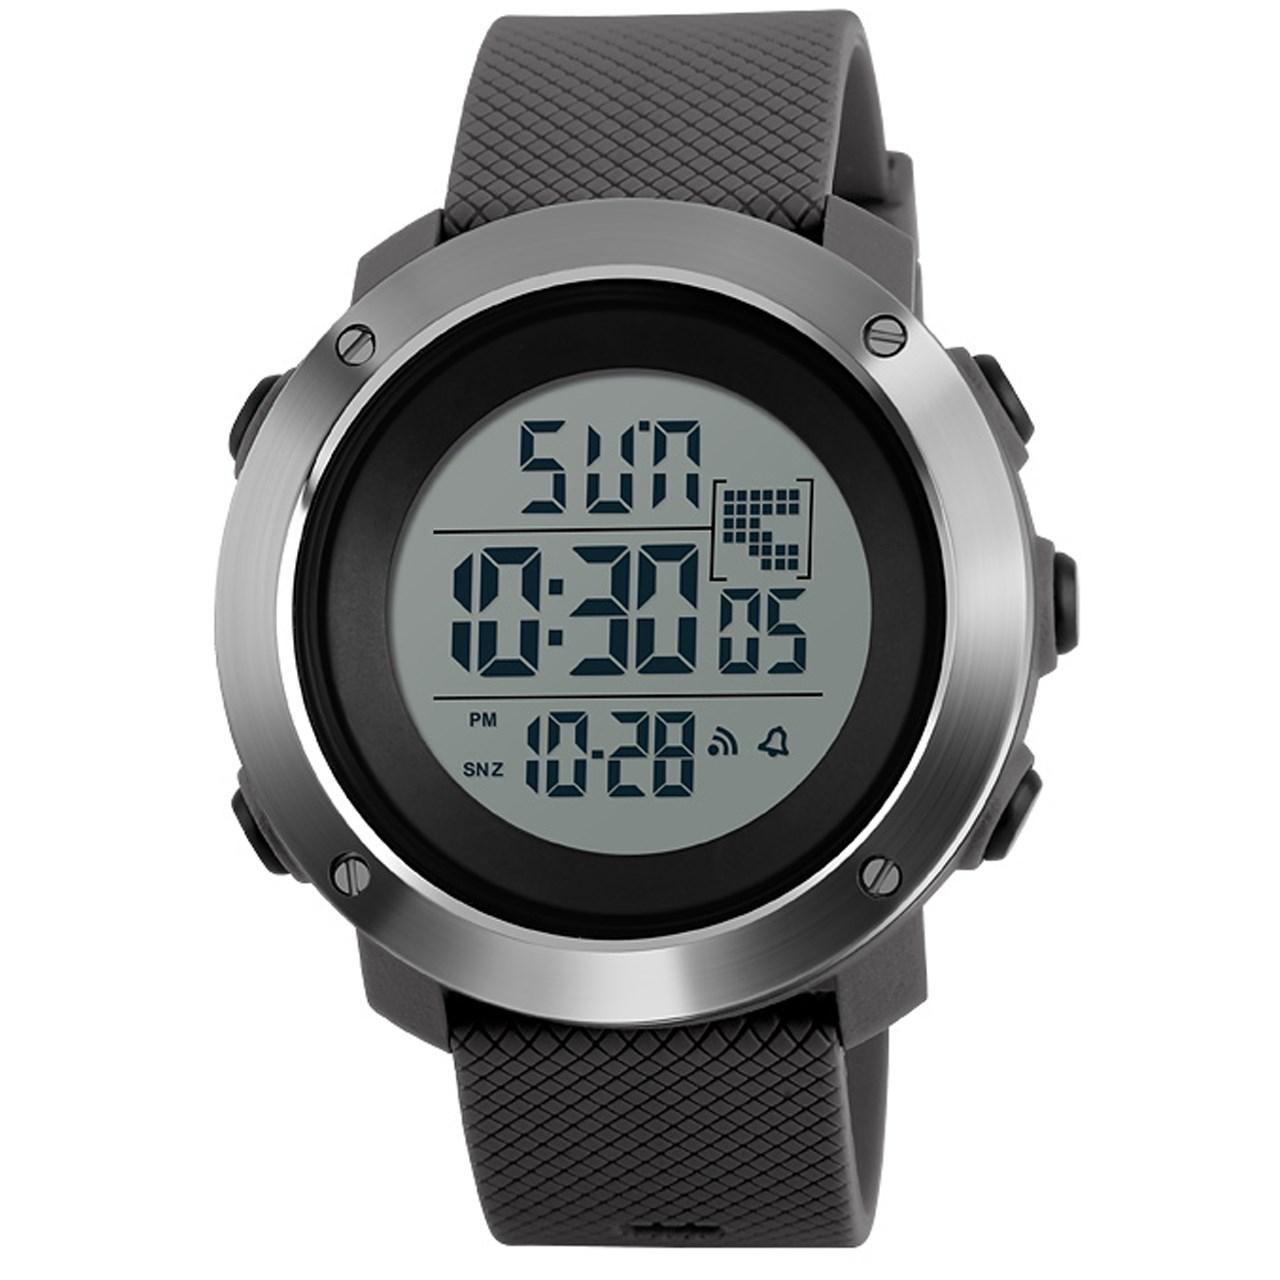 ساعت مچی دیجیتال مردانه اسکمی مدل 1267 کد 03 33